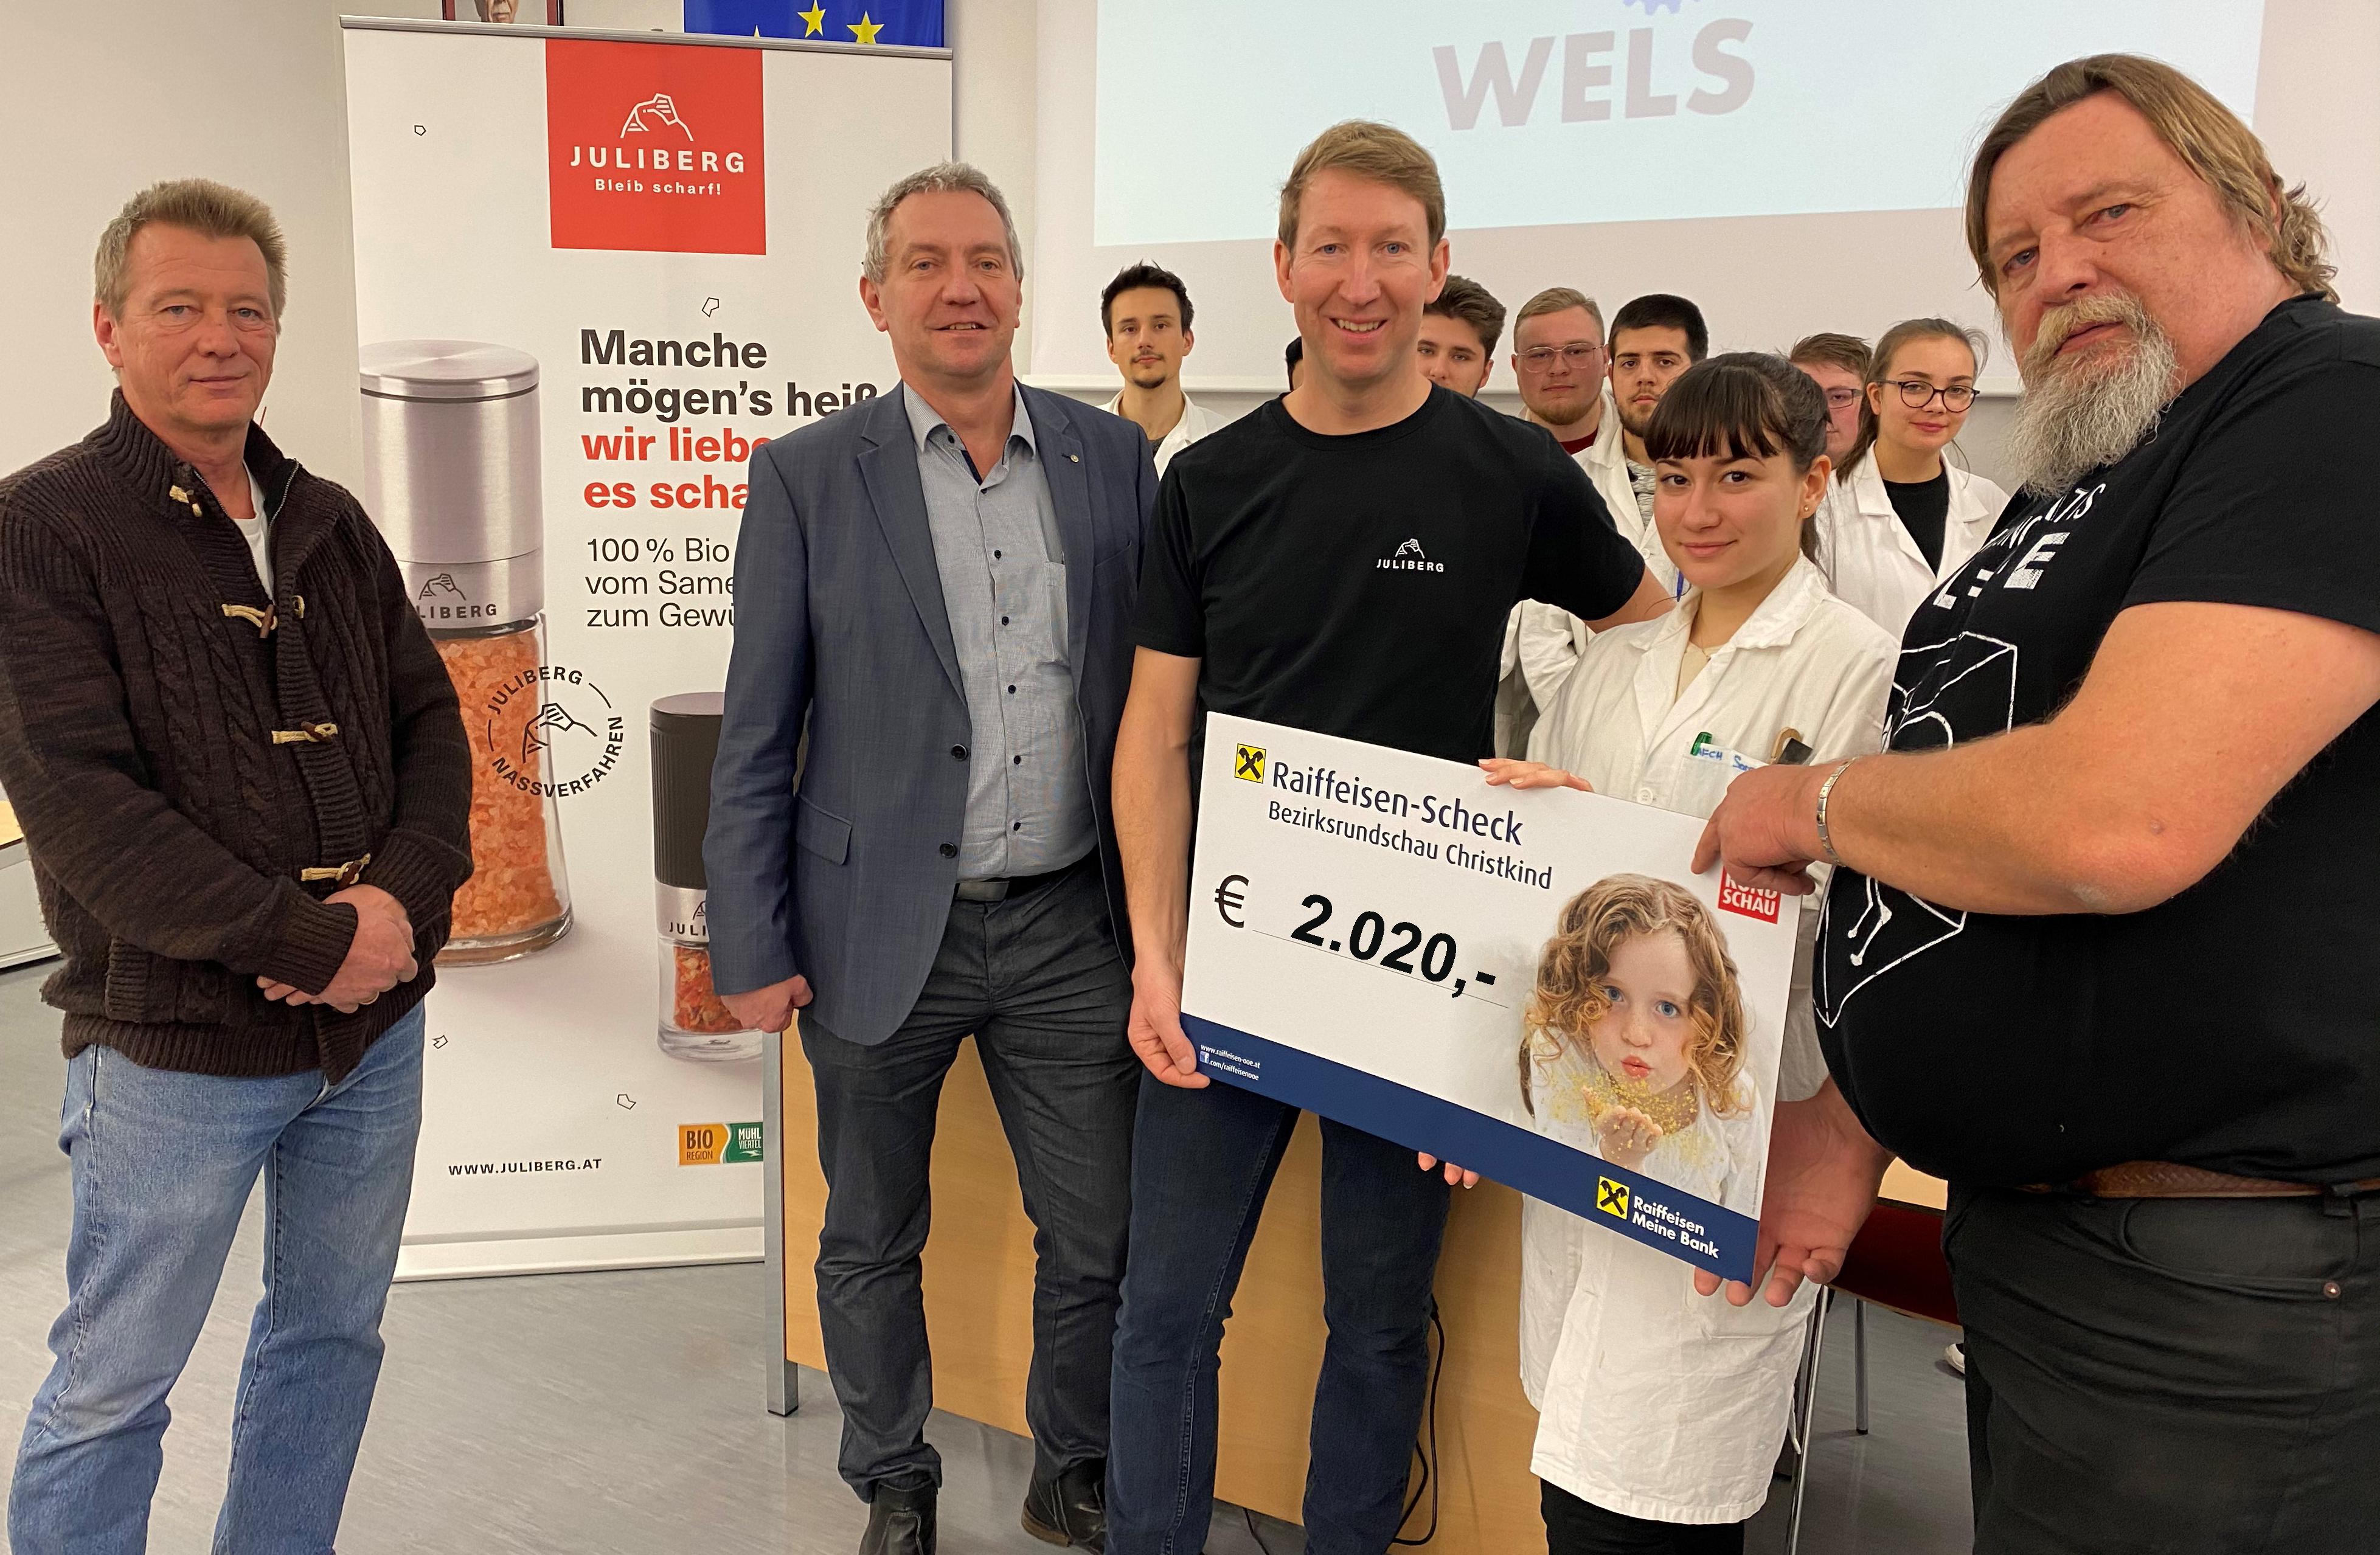 JULIBERG Christkind spendet für Oskar aus Stadl Paura